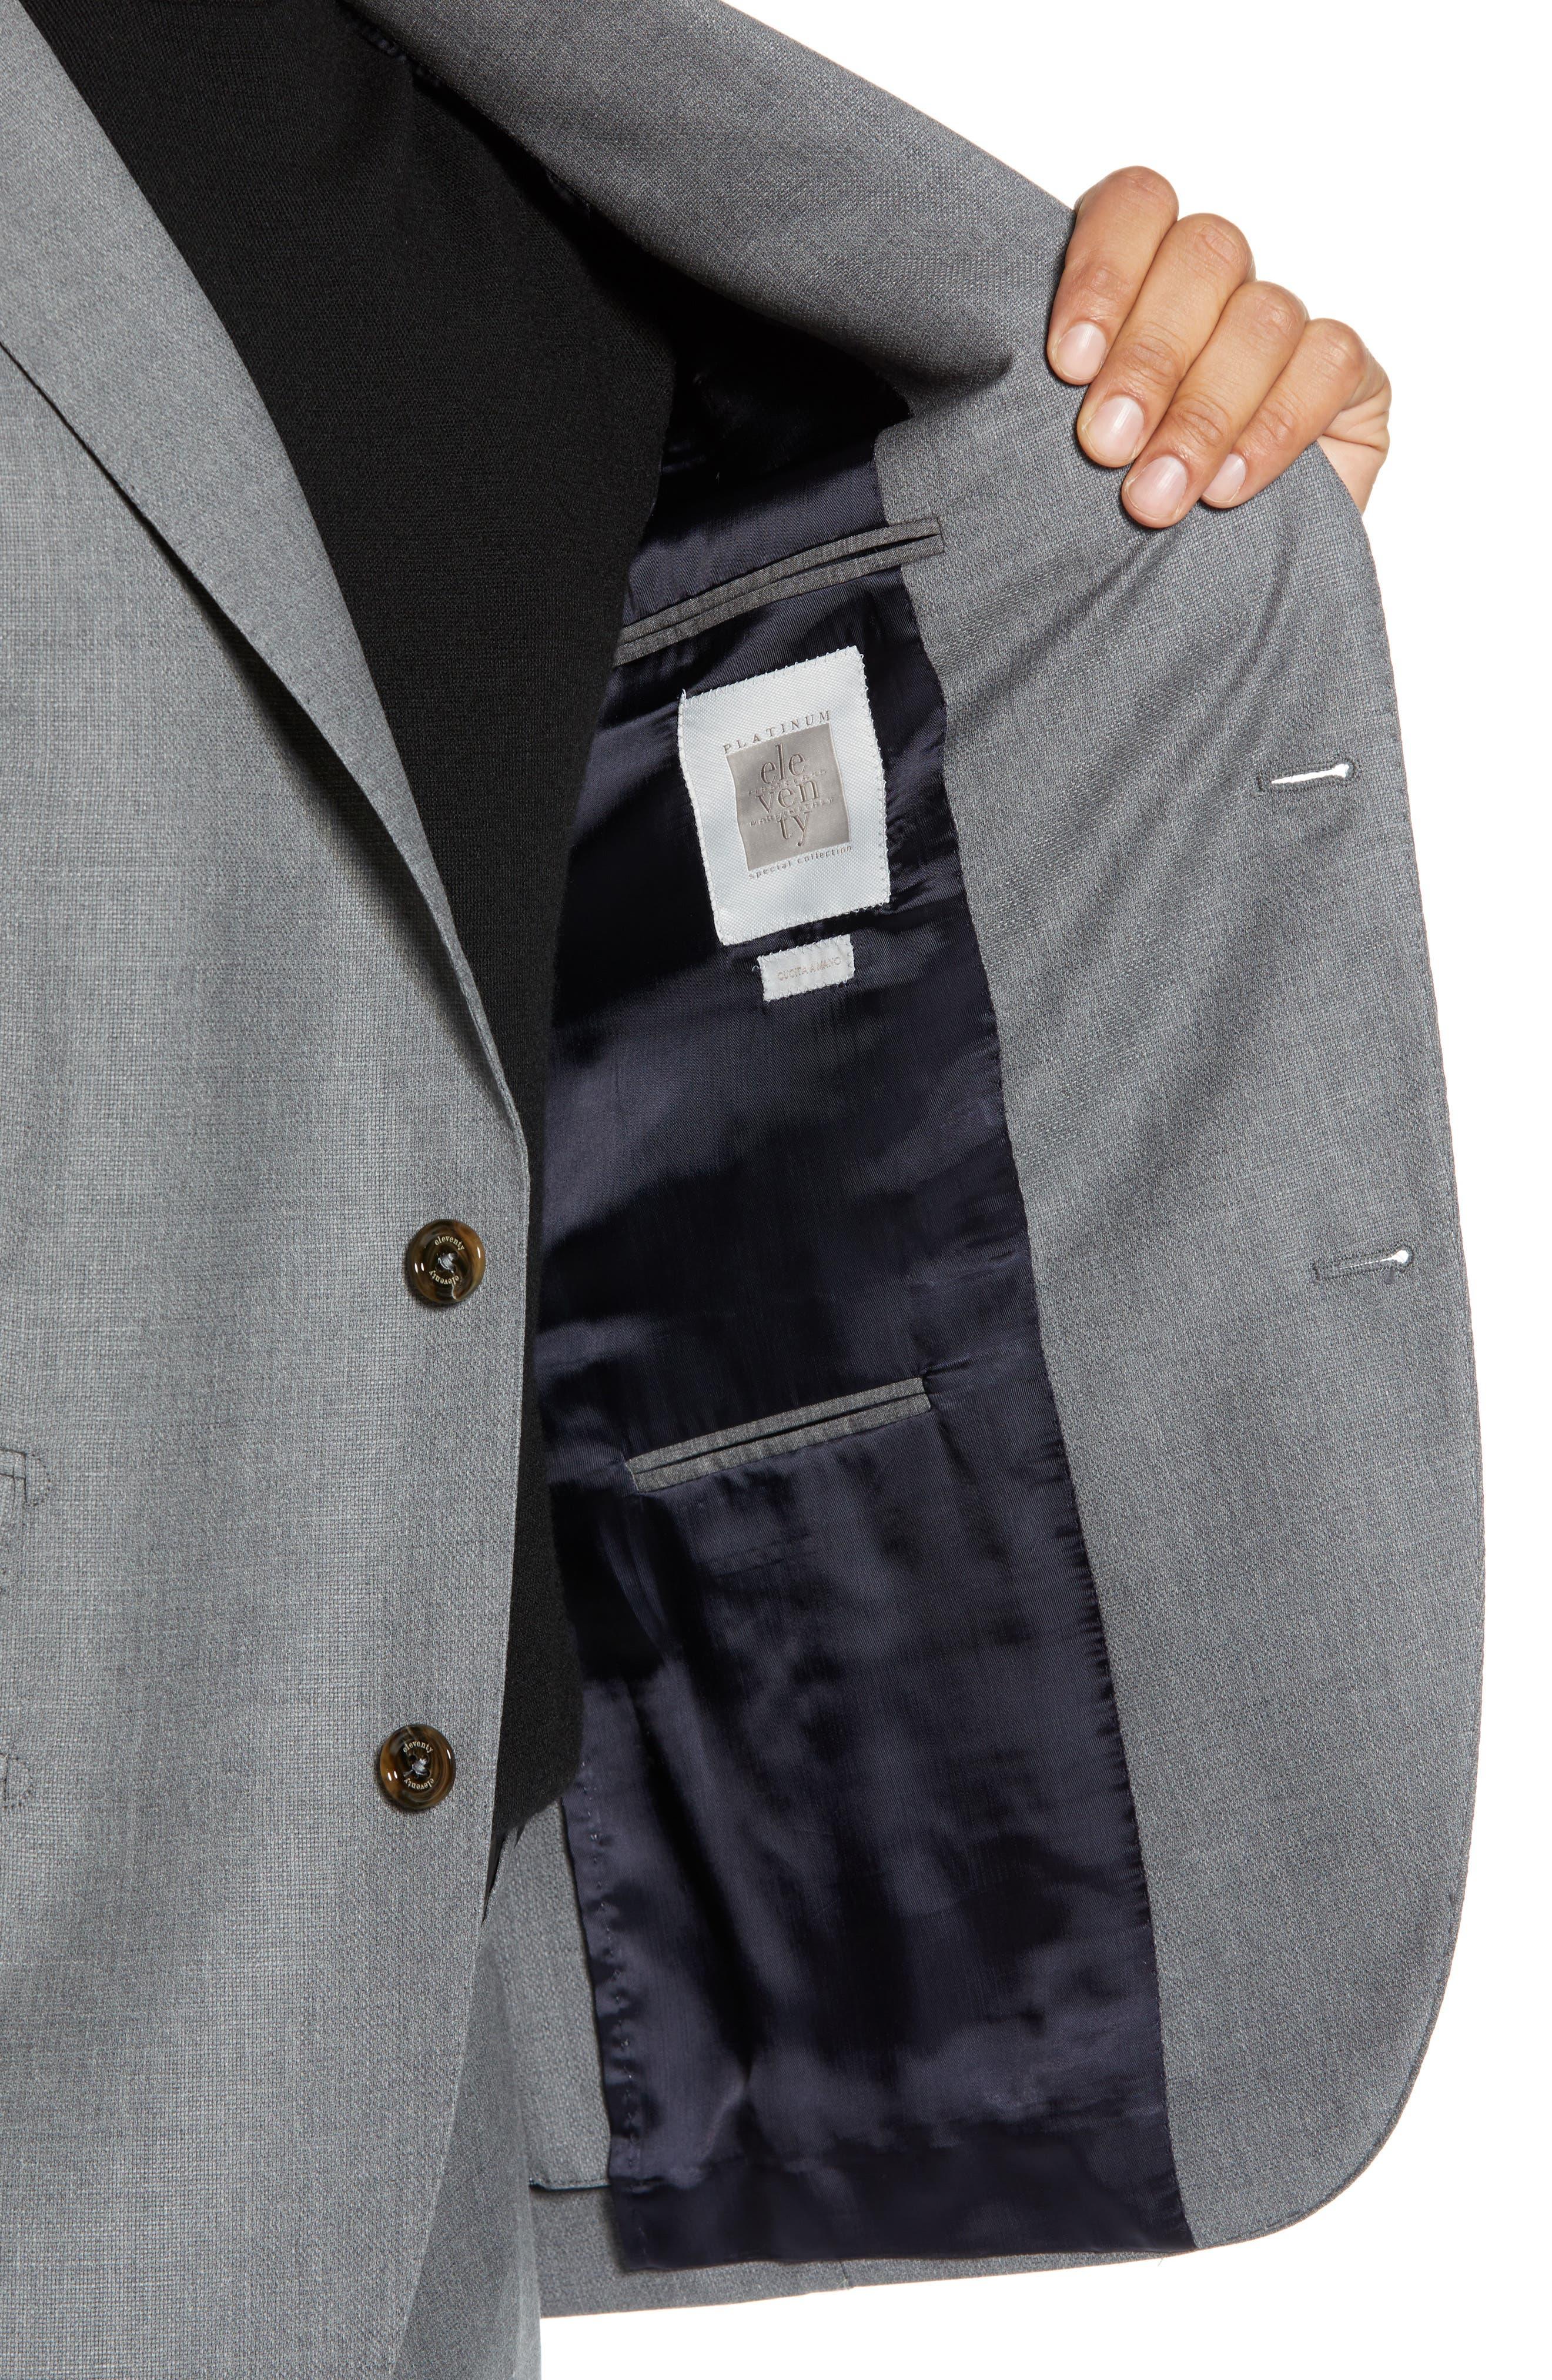 Trim Fit Wool Suit,                             Alternate thumbnail 4, color,                             LIGHT GREY